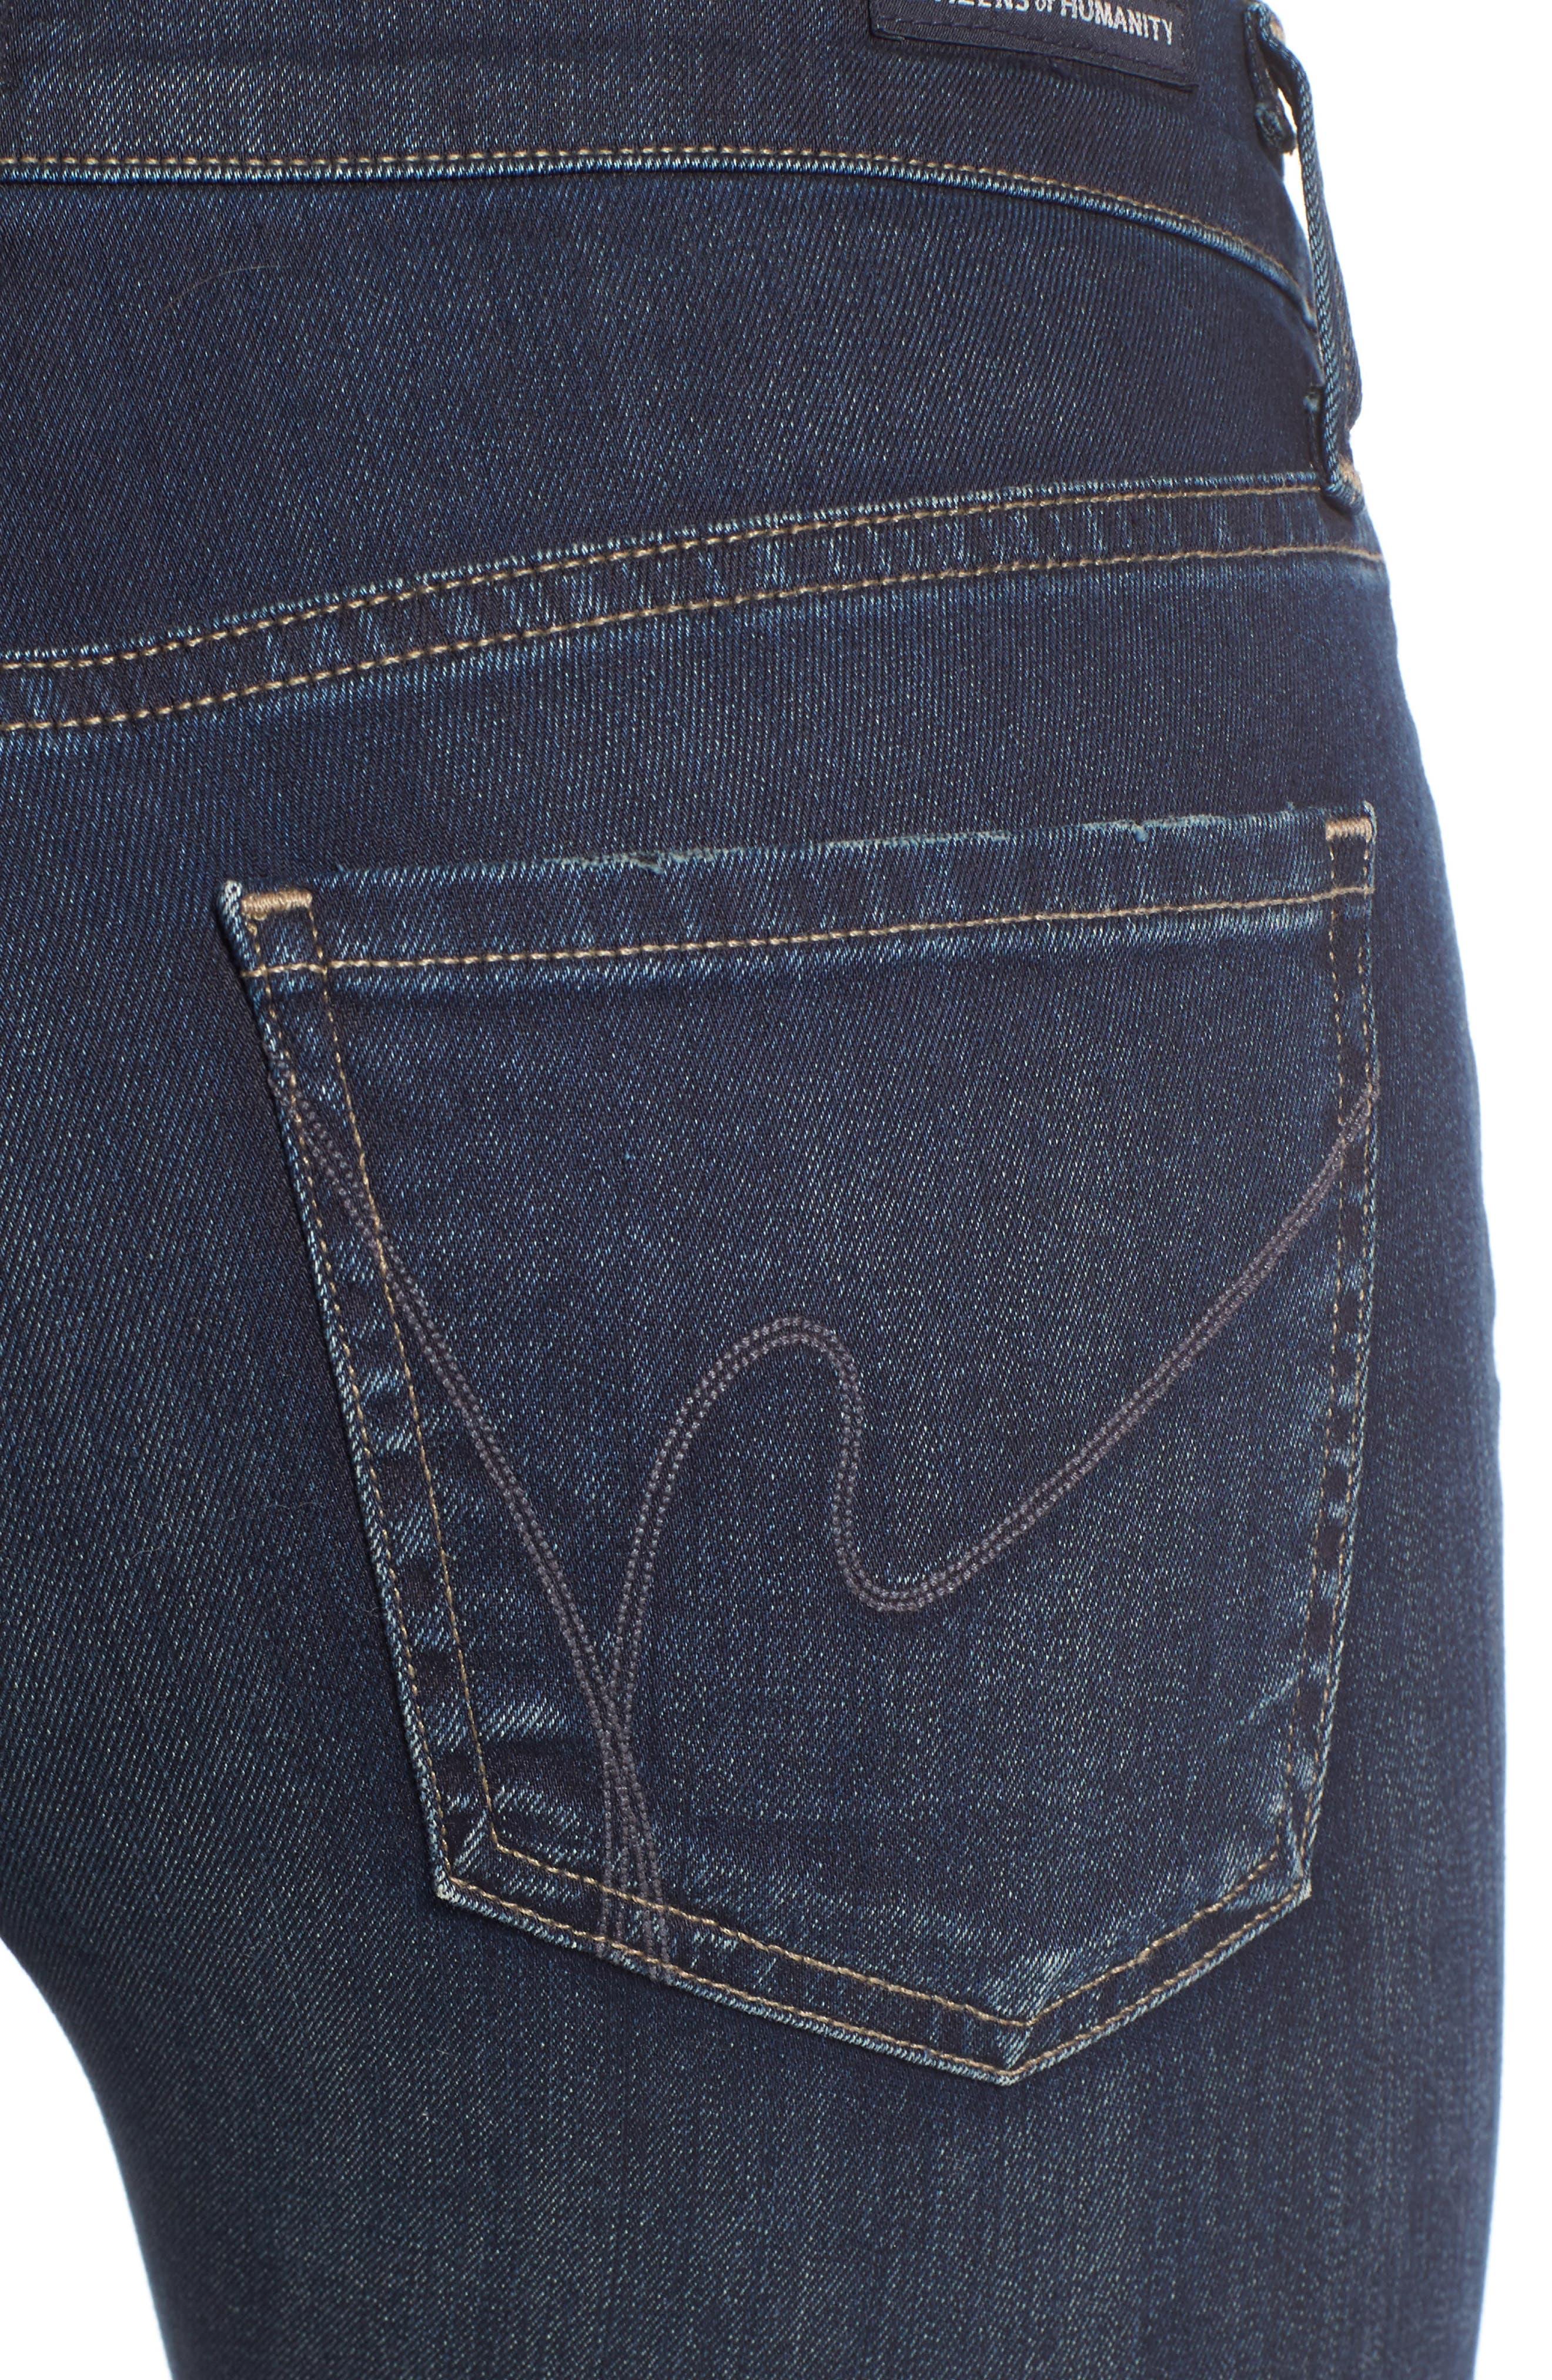 Emmanuelle Slim Bootcut Jeans,                             Alternate thumbnail 4, color,                             405